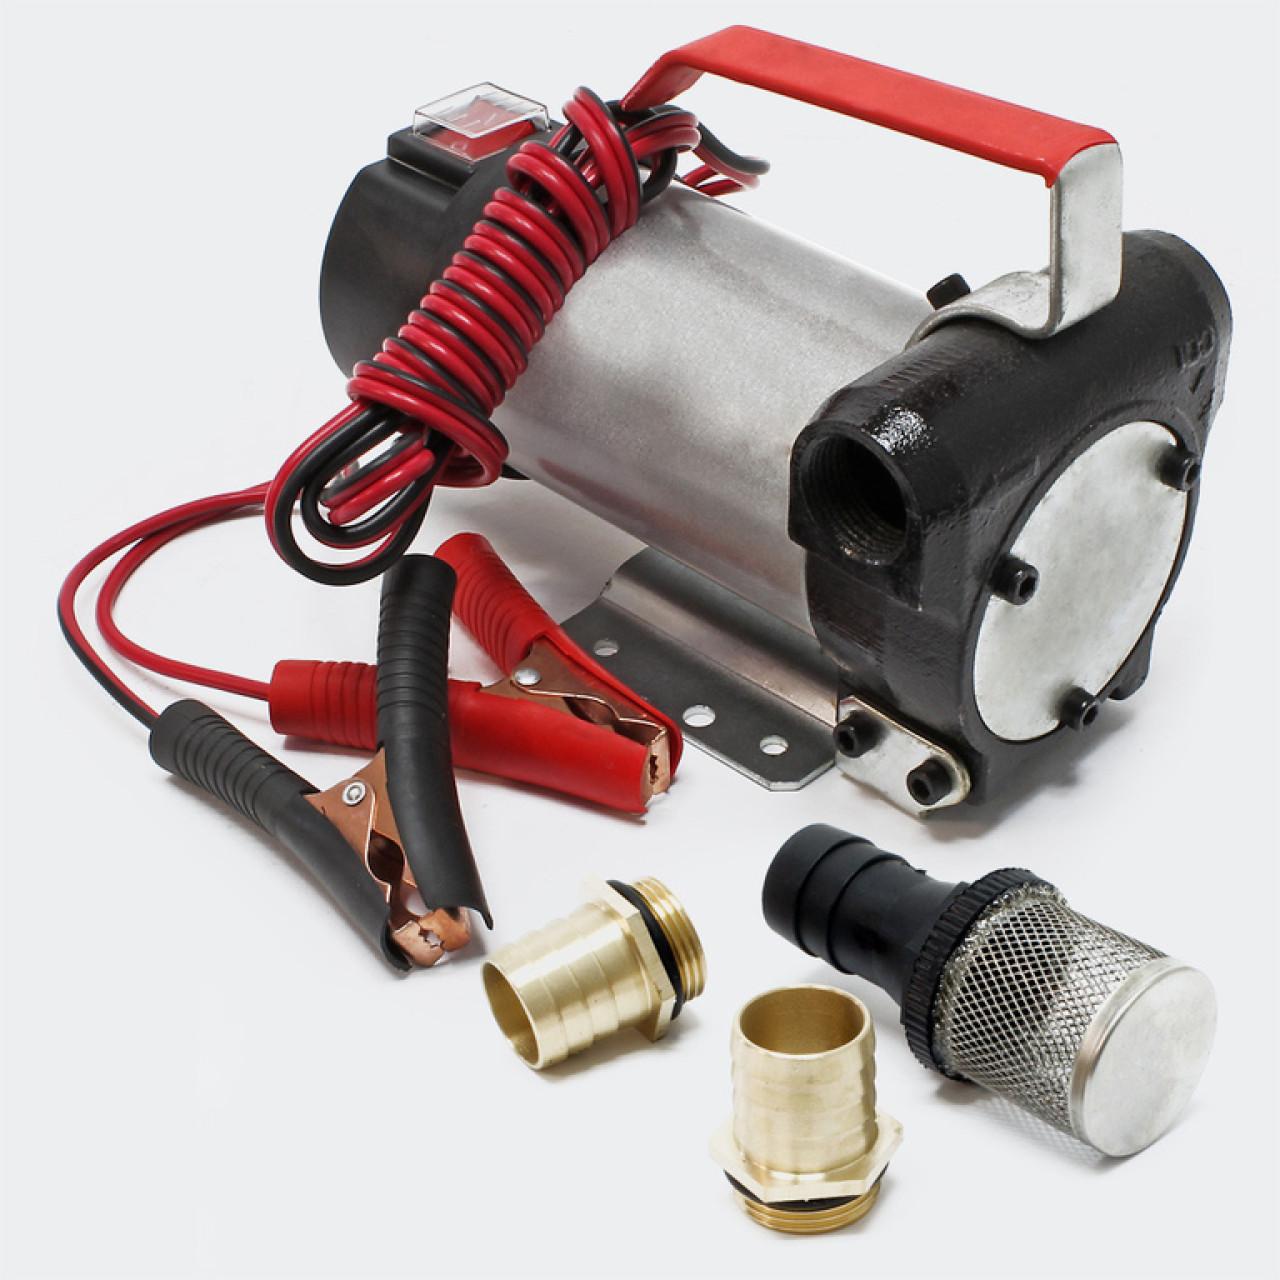 Pompa de transfer lichide la 24v pentru camioane,autobuz,utilaje agricole